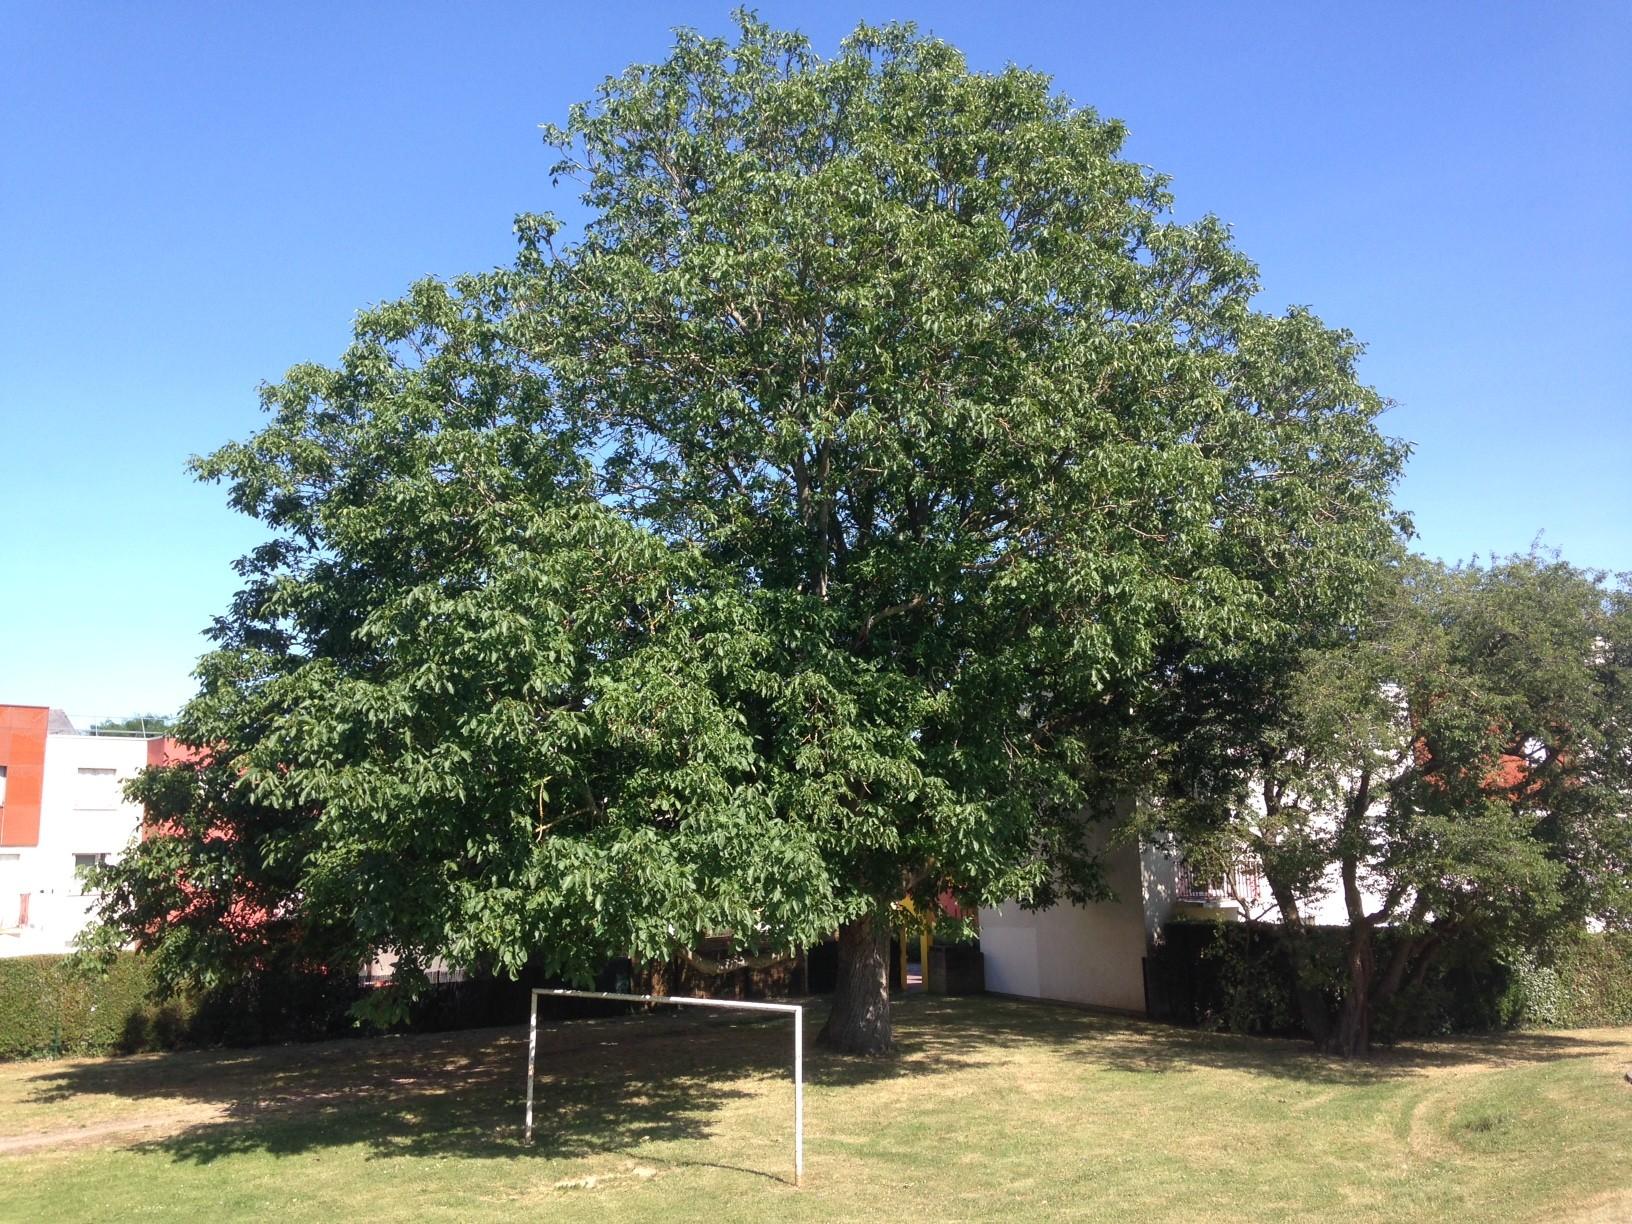 Concours photos du plus bel arbre